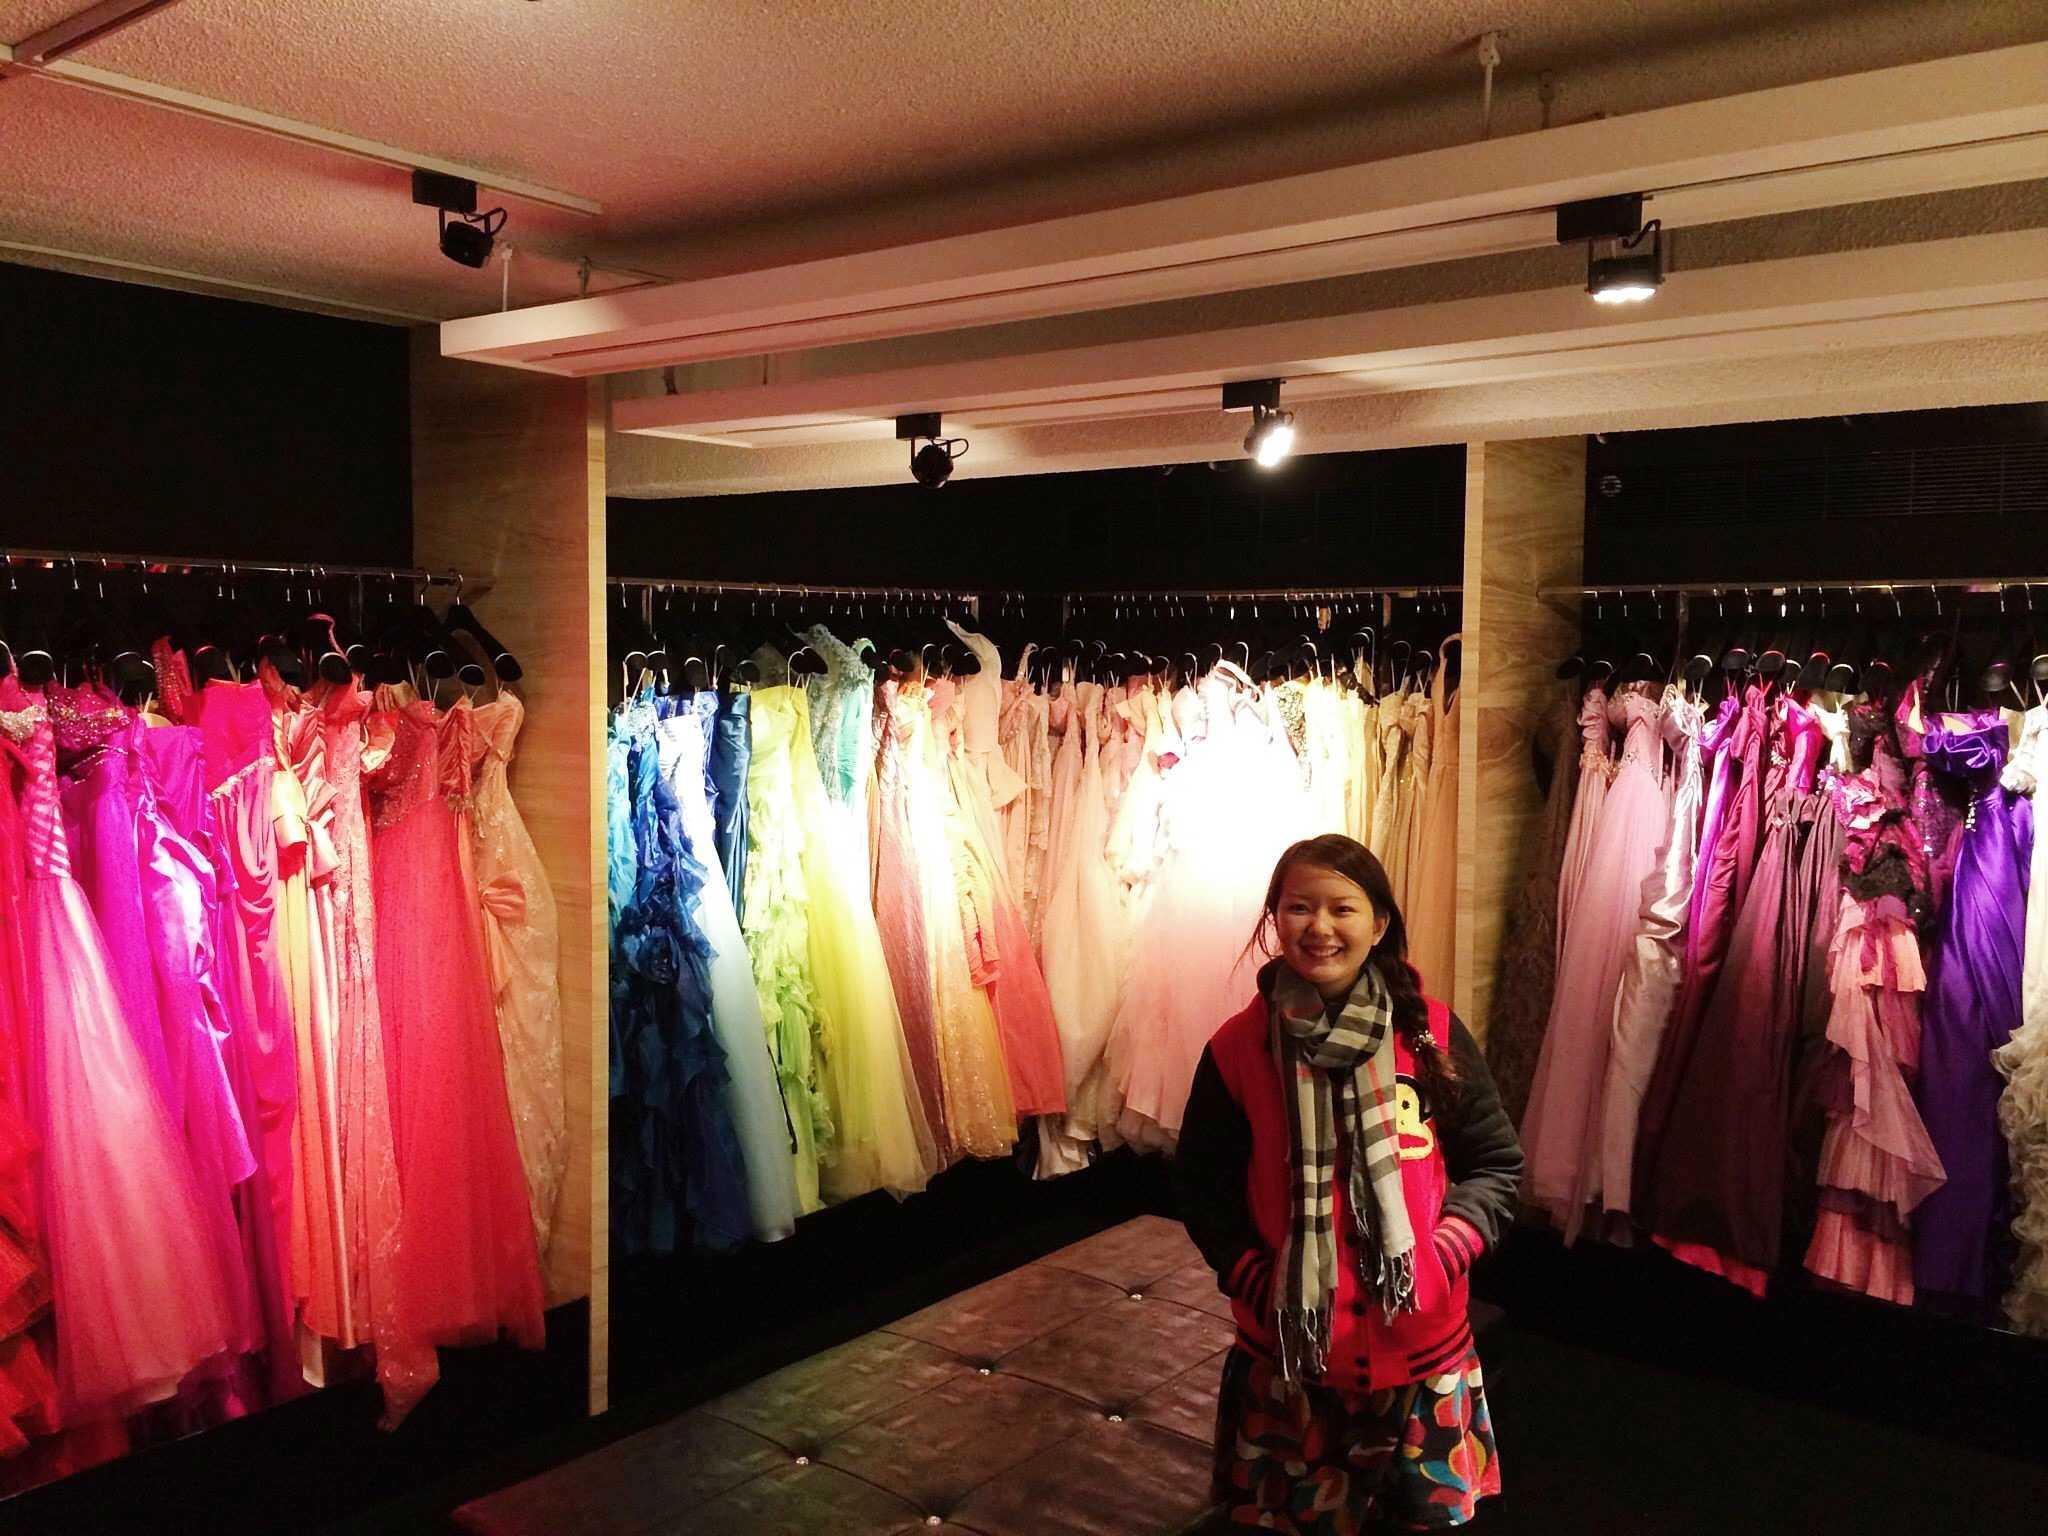 Closet weardrobe of the week 7